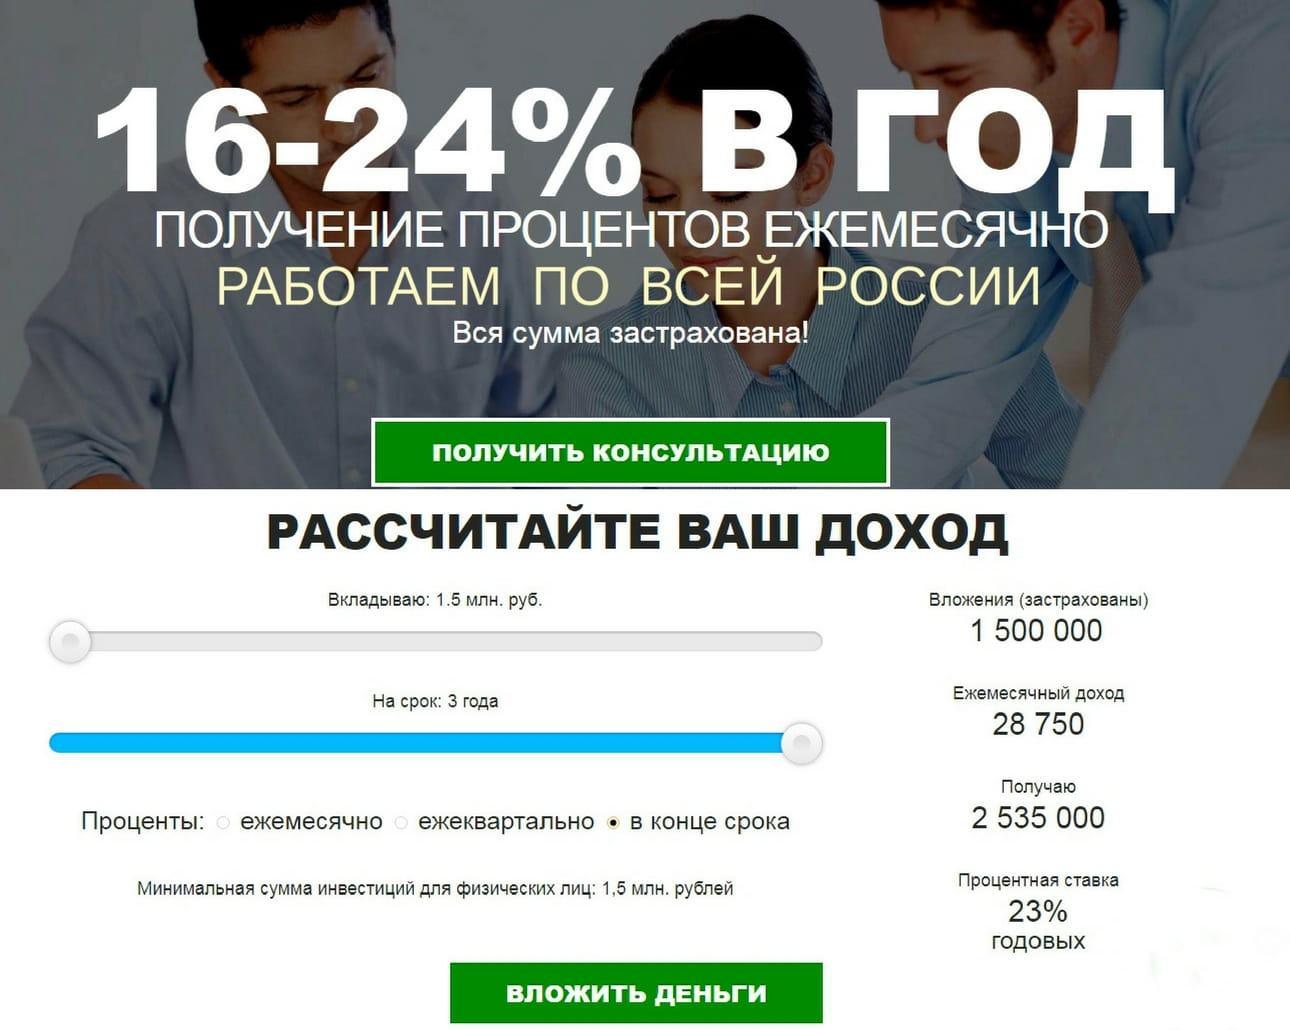 Вклады в России под самый высокий процент 24% годовых,выплата ежемесячно